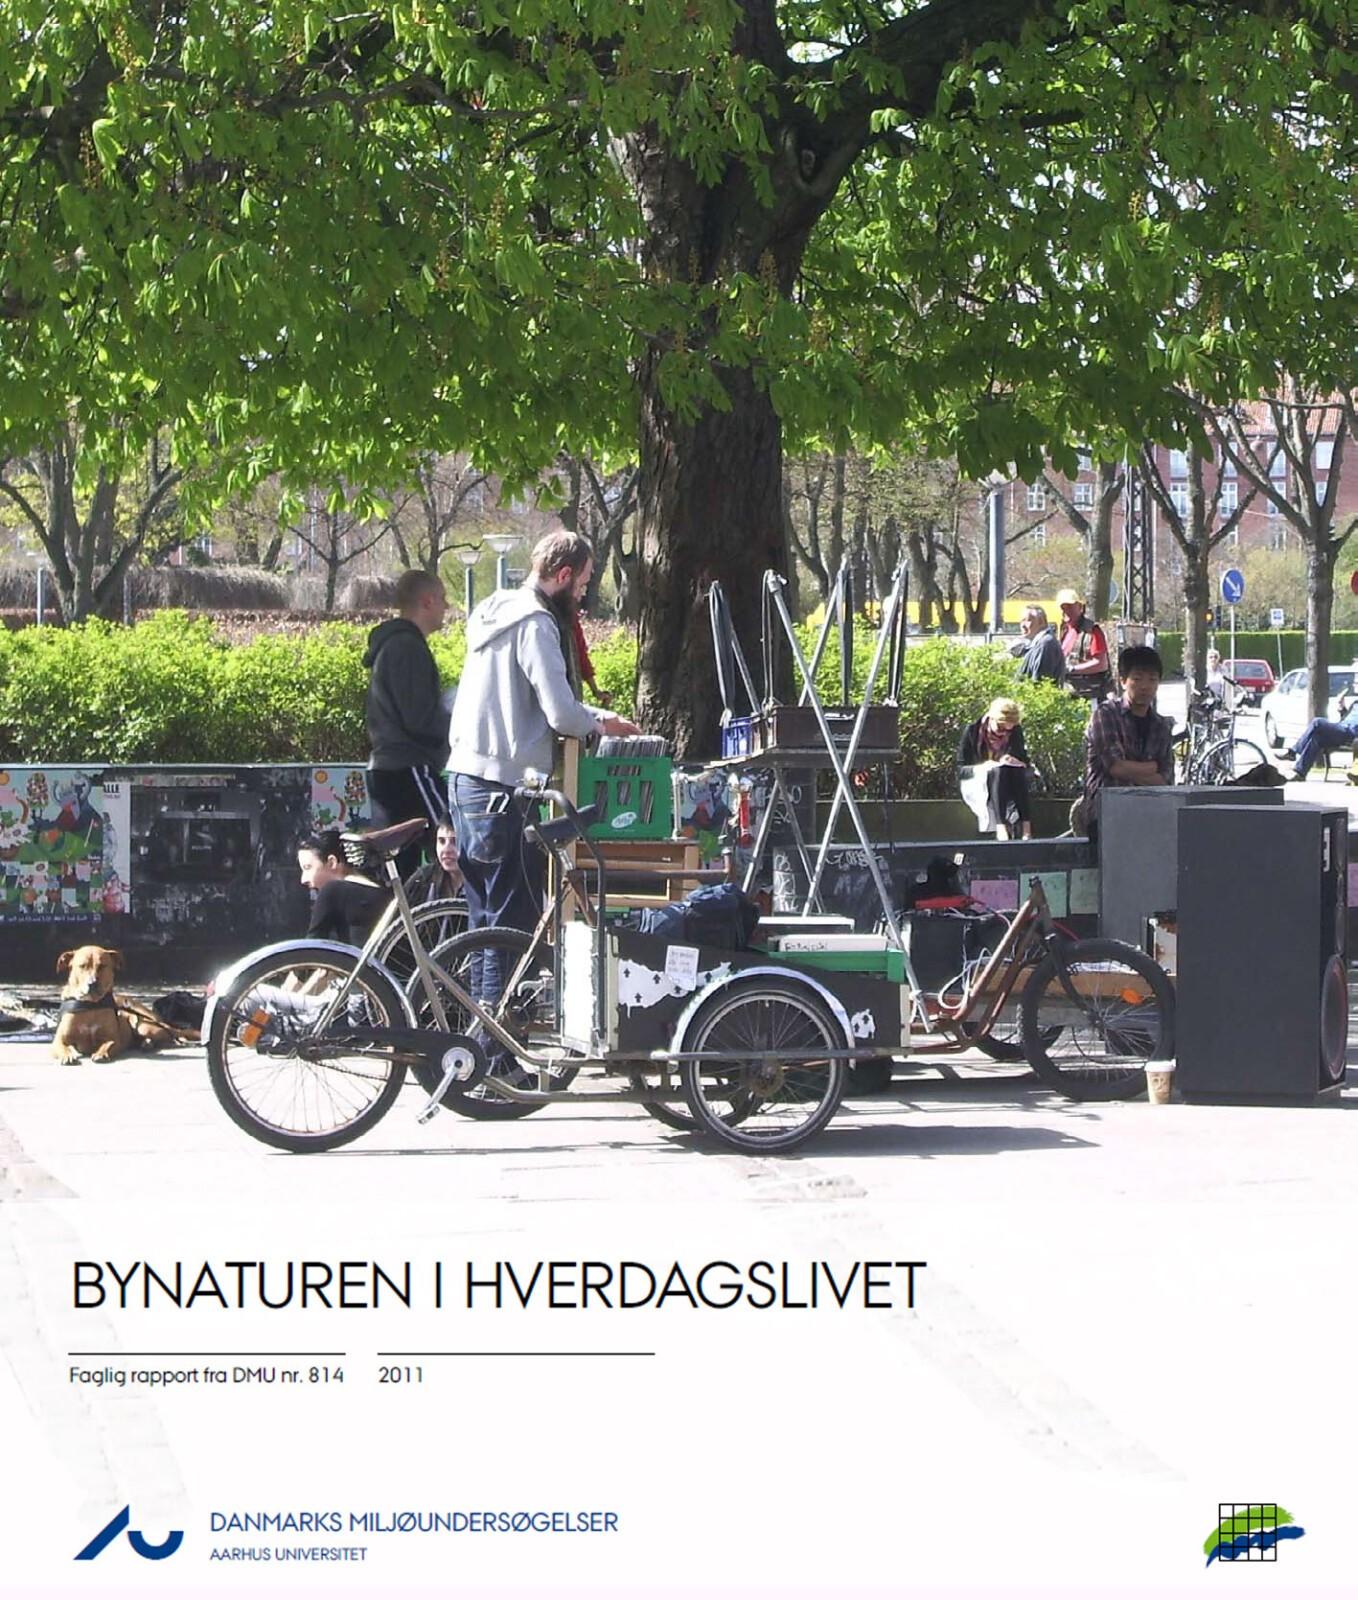 Bynaturen i hverdagslivet, Dansk miljøundersøgelser